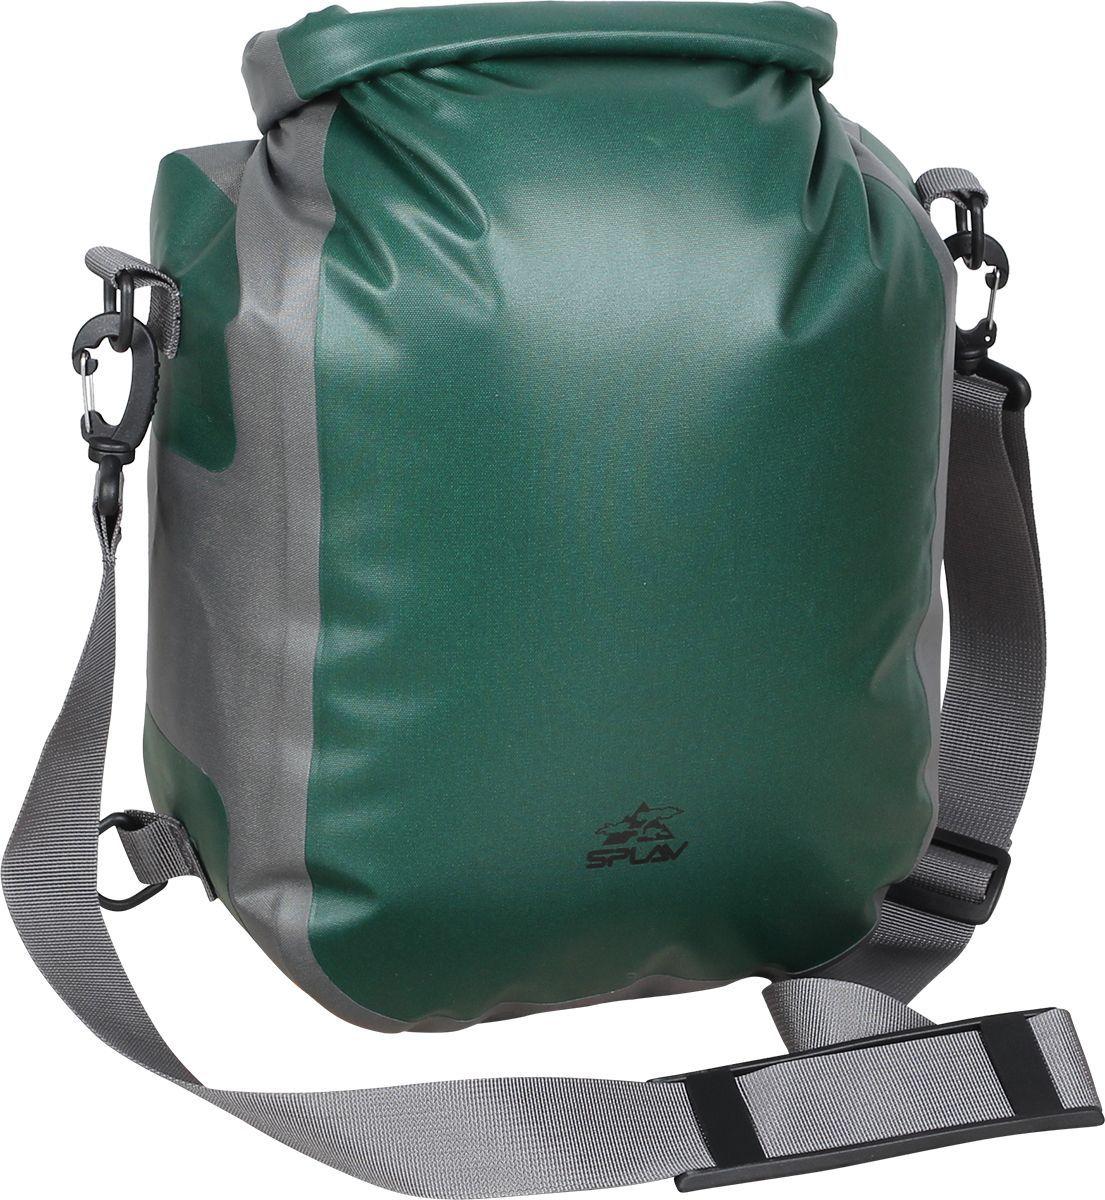 Гермосумка Сплав  Shoulder , цвет: зеленый, 50 х 26 х 13 см - Туристические сумки